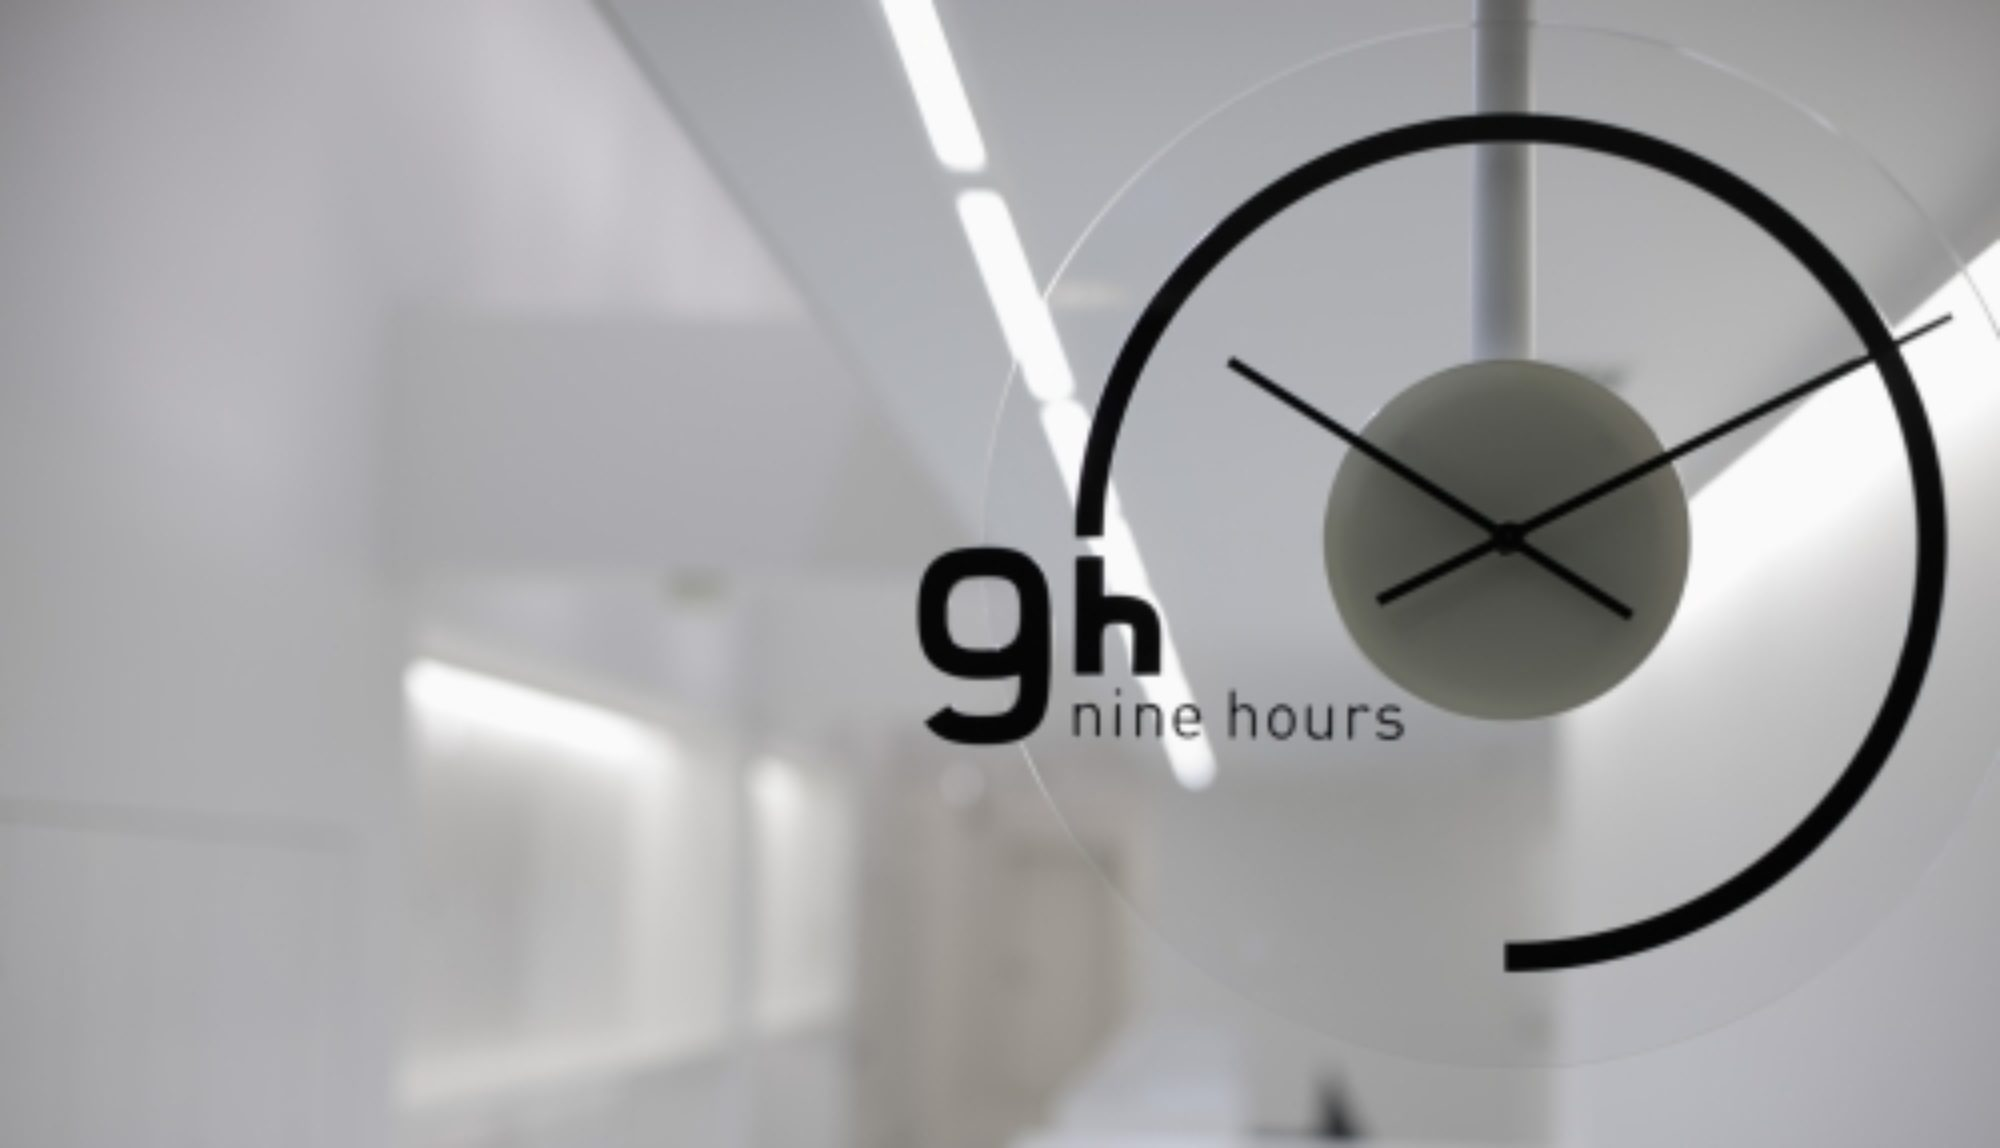 cropped 9h 31space - Hotel 9h (Hotel nine hours) in Kyoto, Japan - die Design-Kapsel